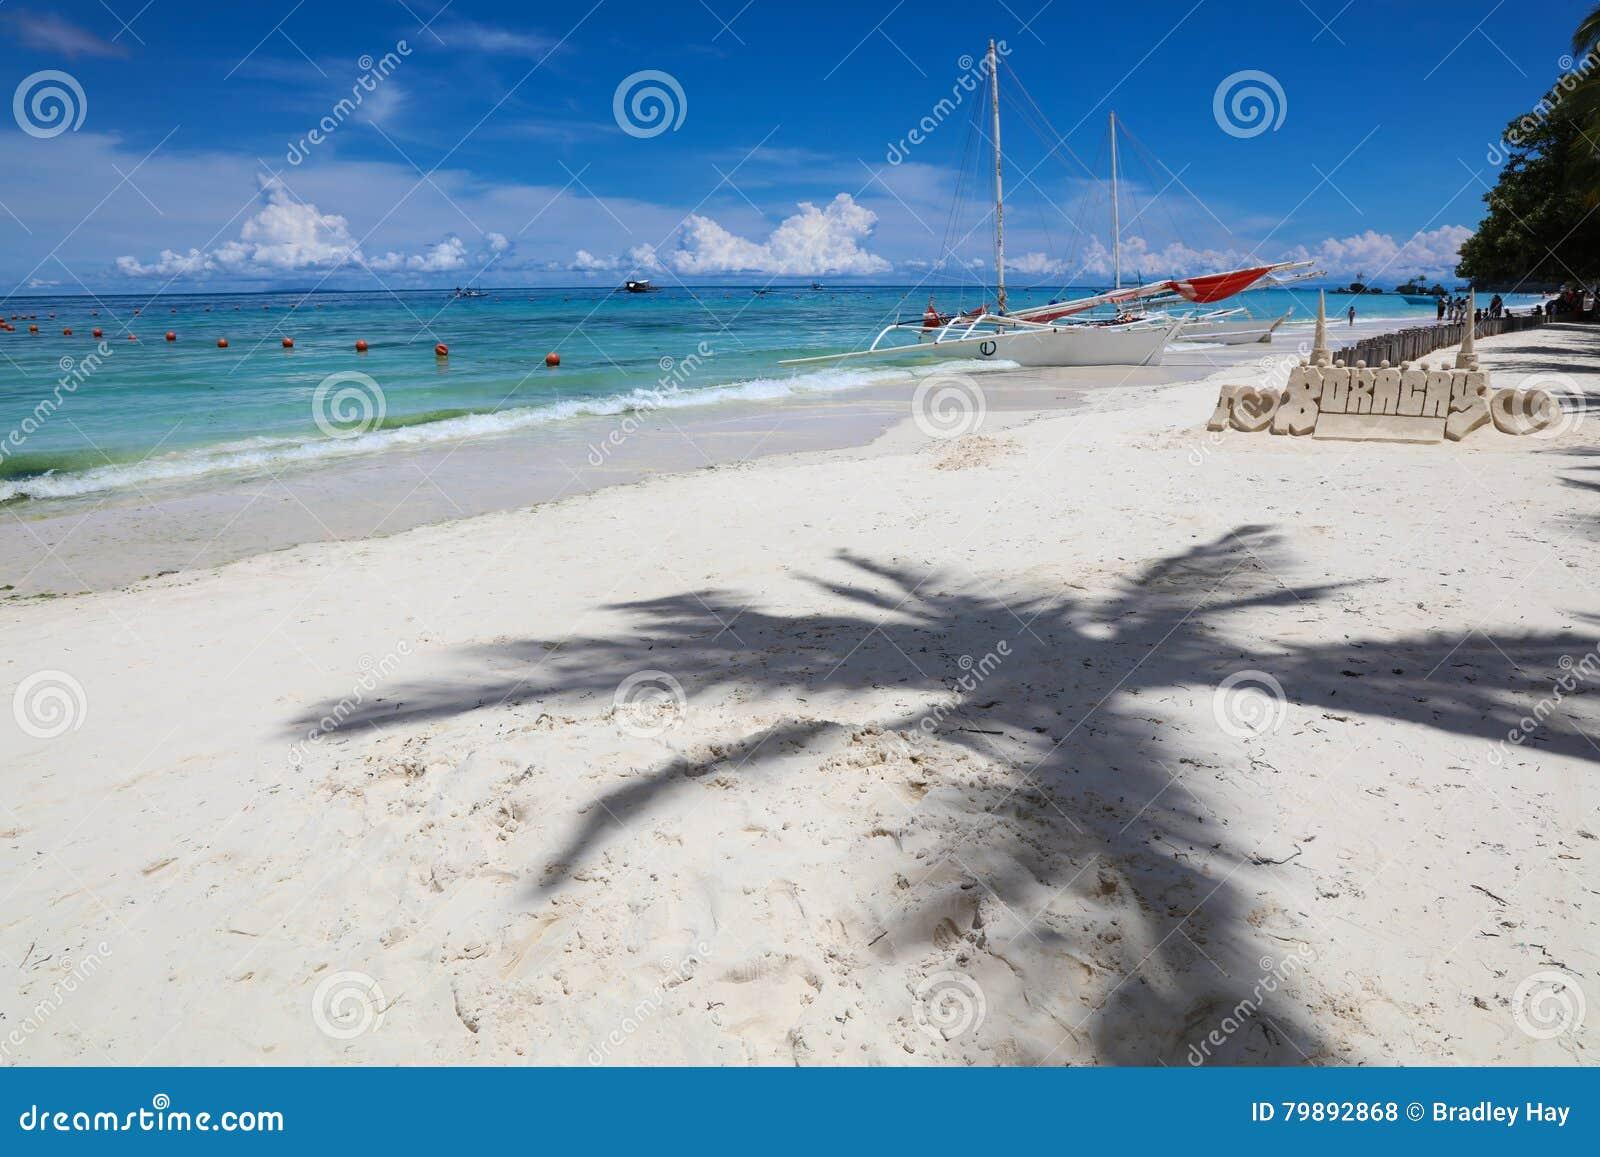 Boracay Island Puka Beach